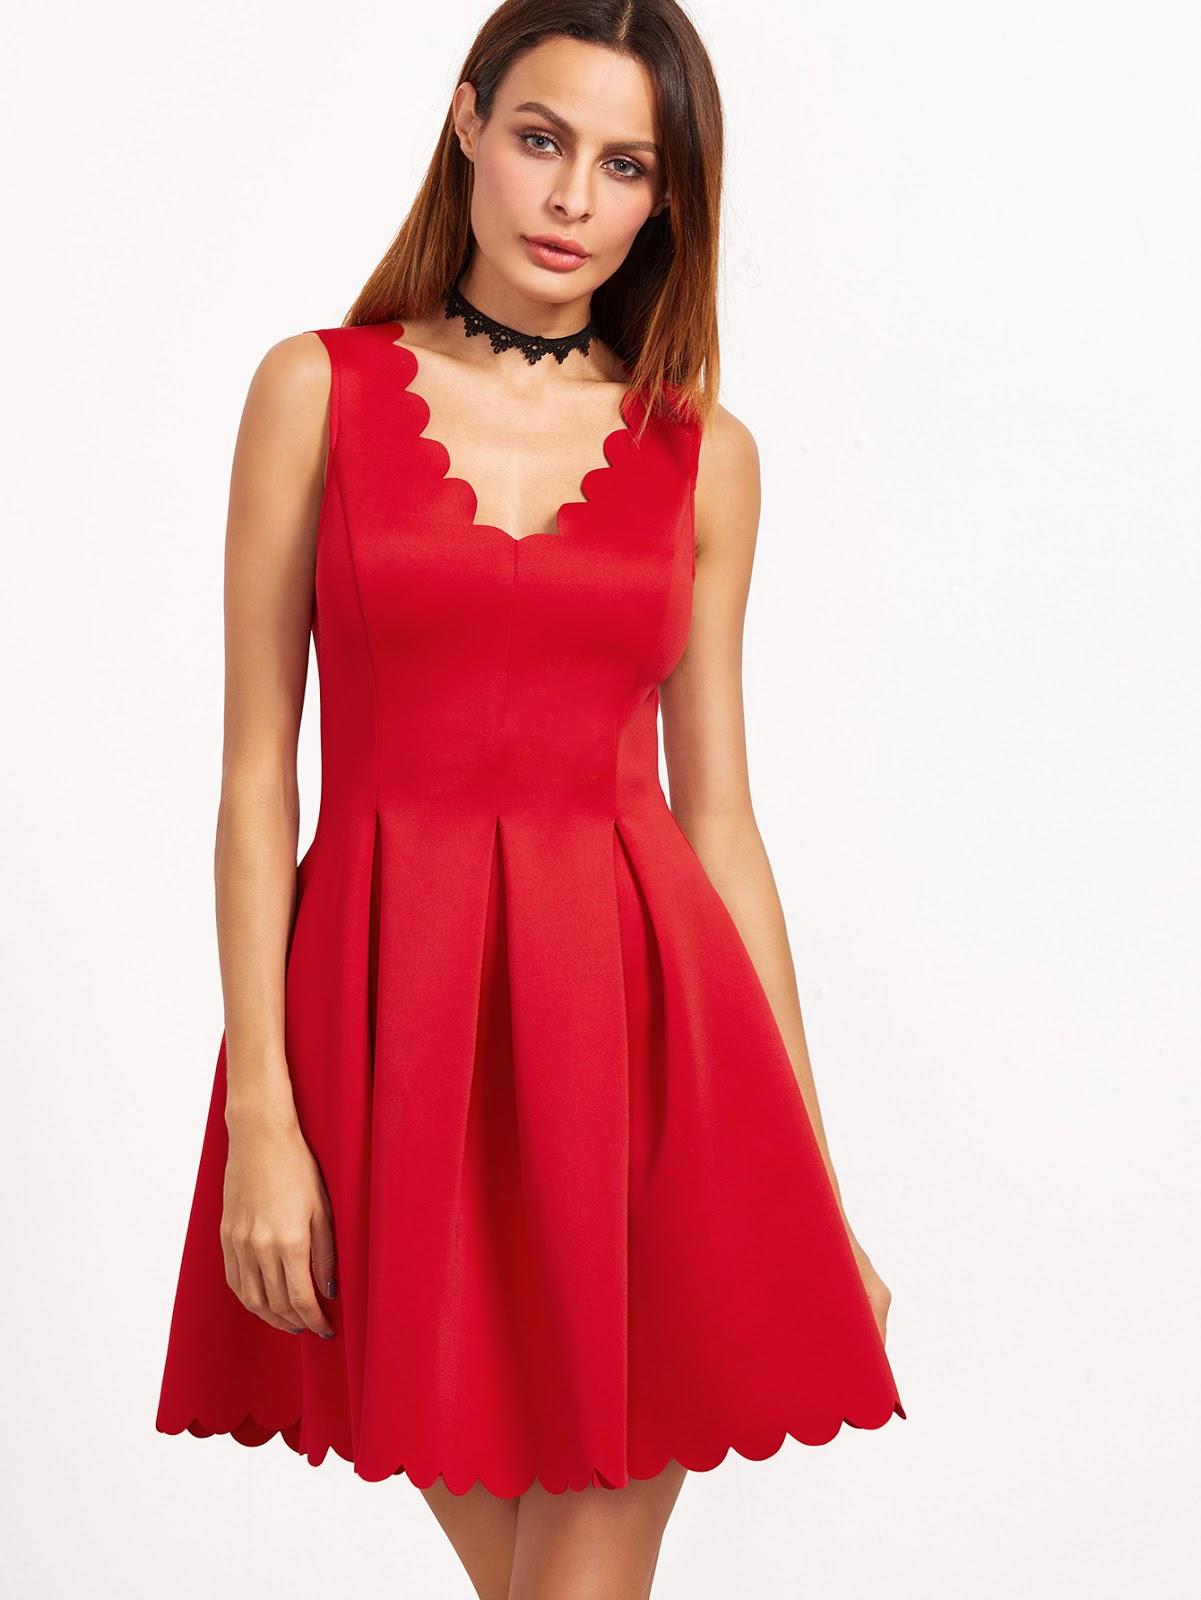 Perfecto peinados para vestido rojo Imagen de cortes de pelo consejos - 50 Vestidos Rojos ¡Ideas Perfectas para Ti! | Vestidos ...